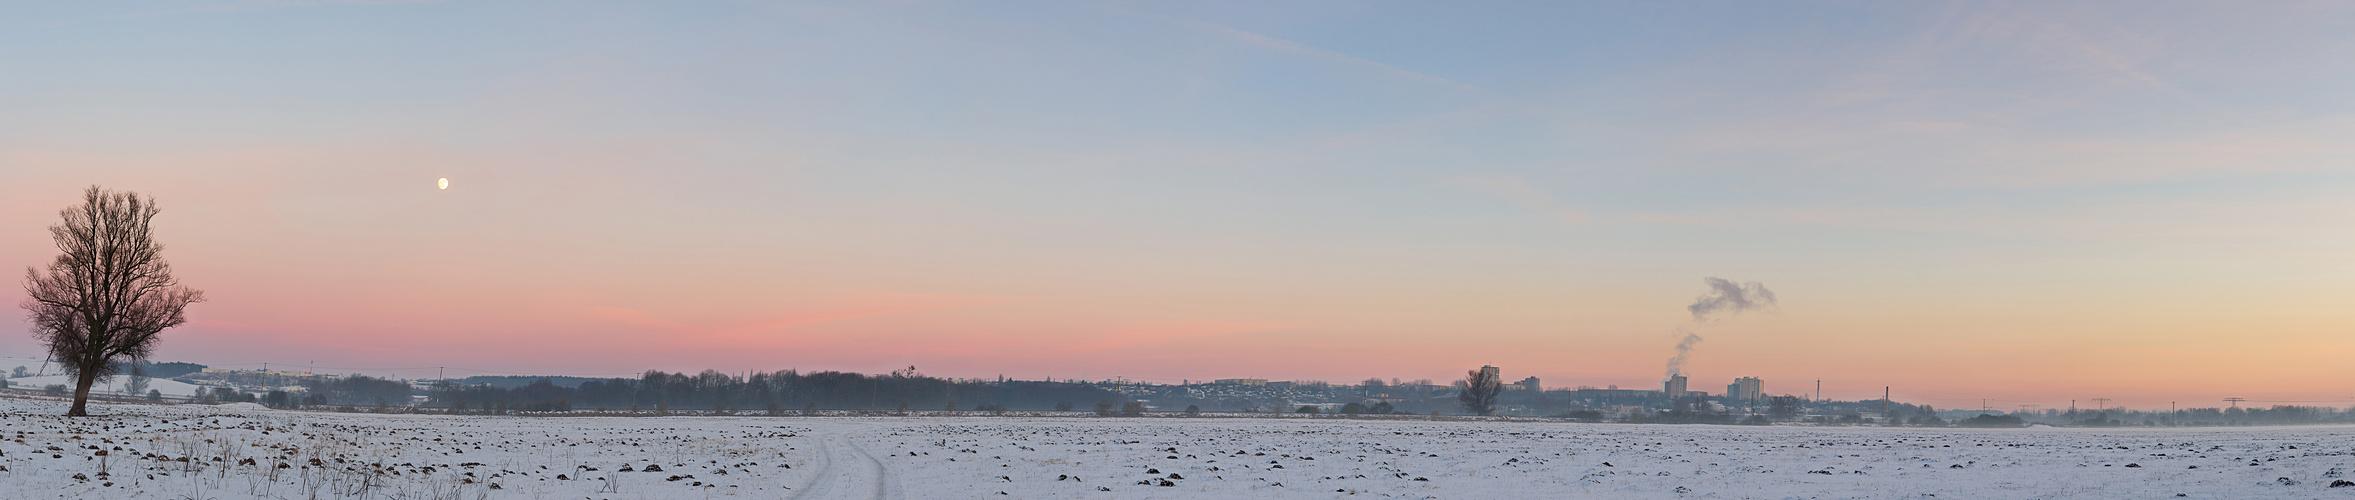 Neubrandenburg im Sonnenuntergang